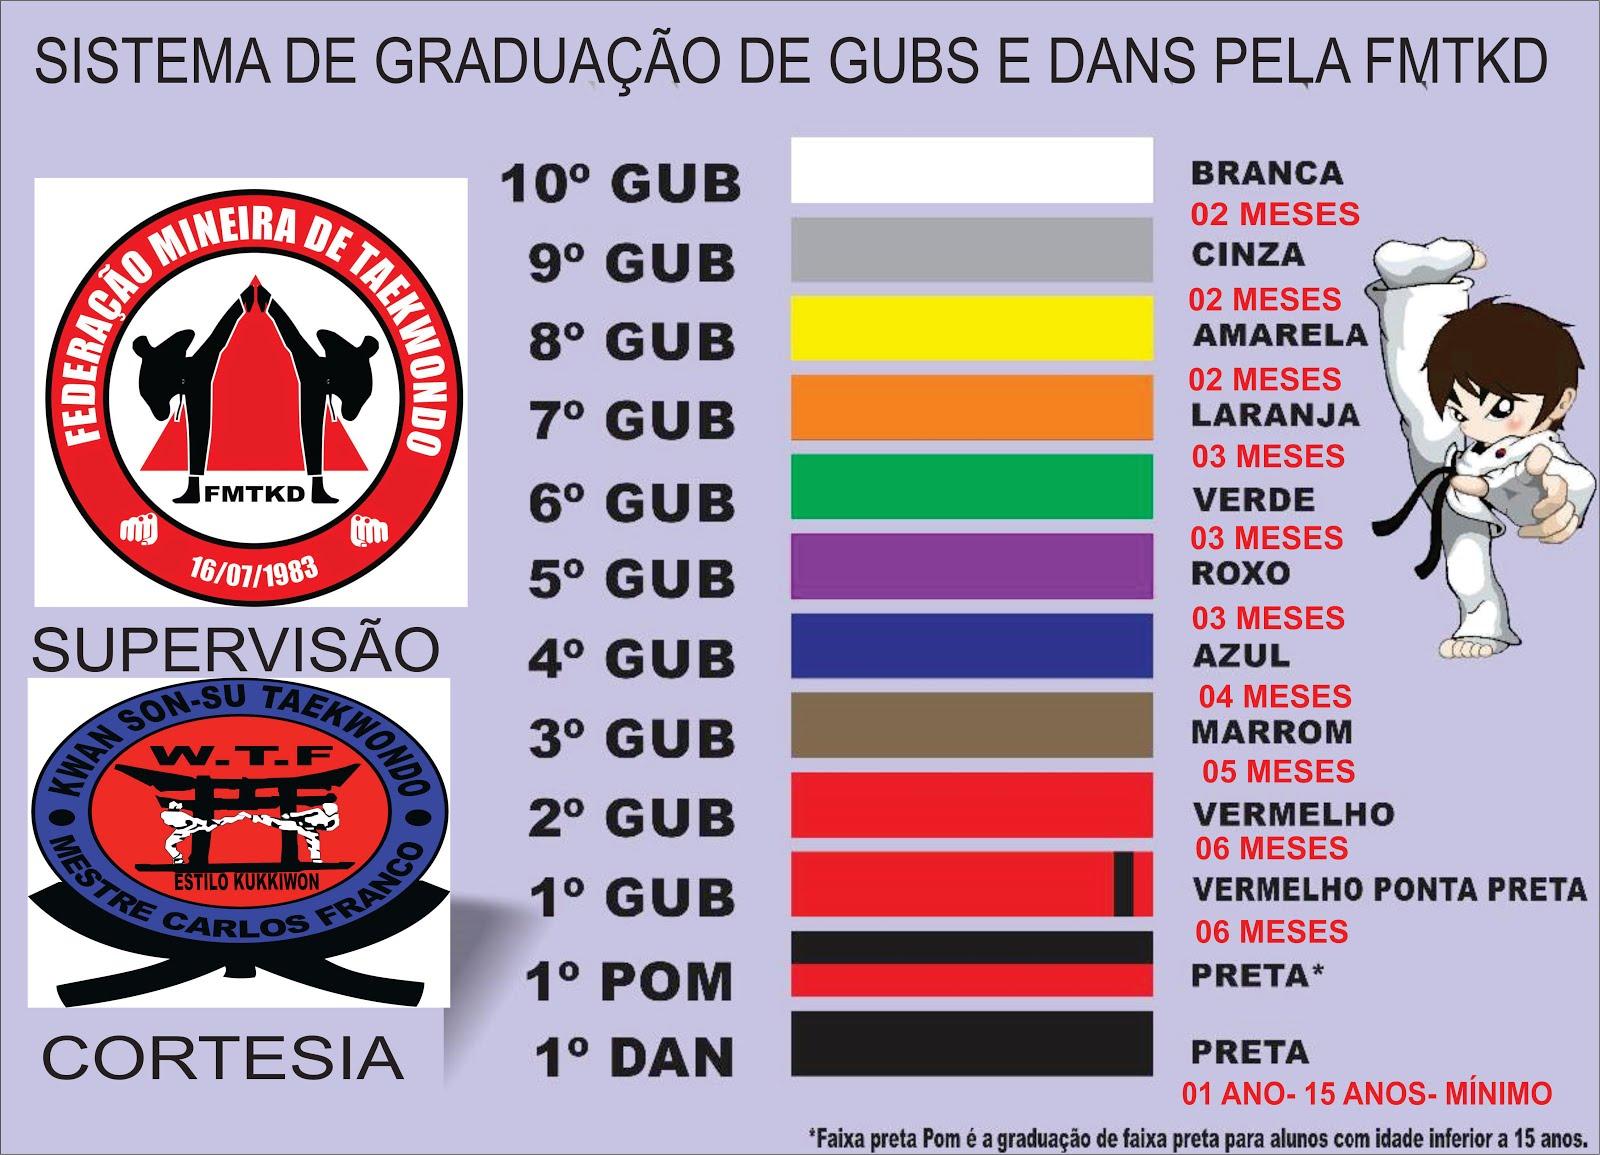 SISTEMA DE GUBS OFICIAL PELA FMTKD